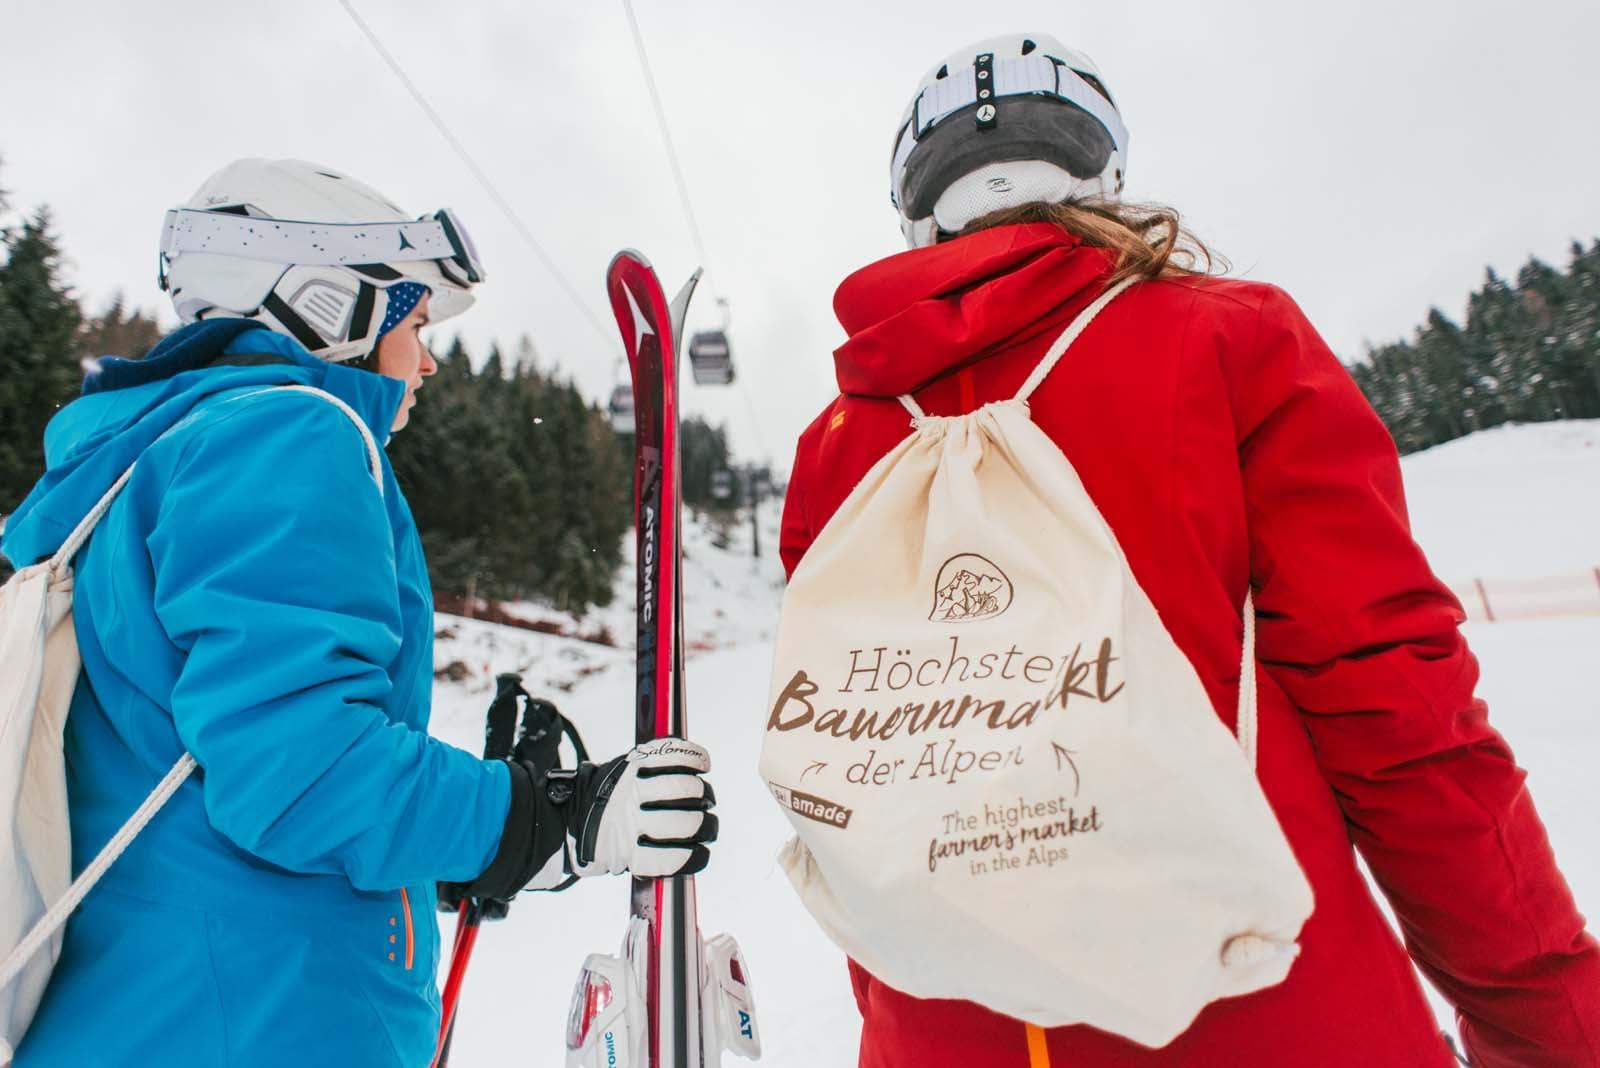 regionales Essen auf den Skihütten